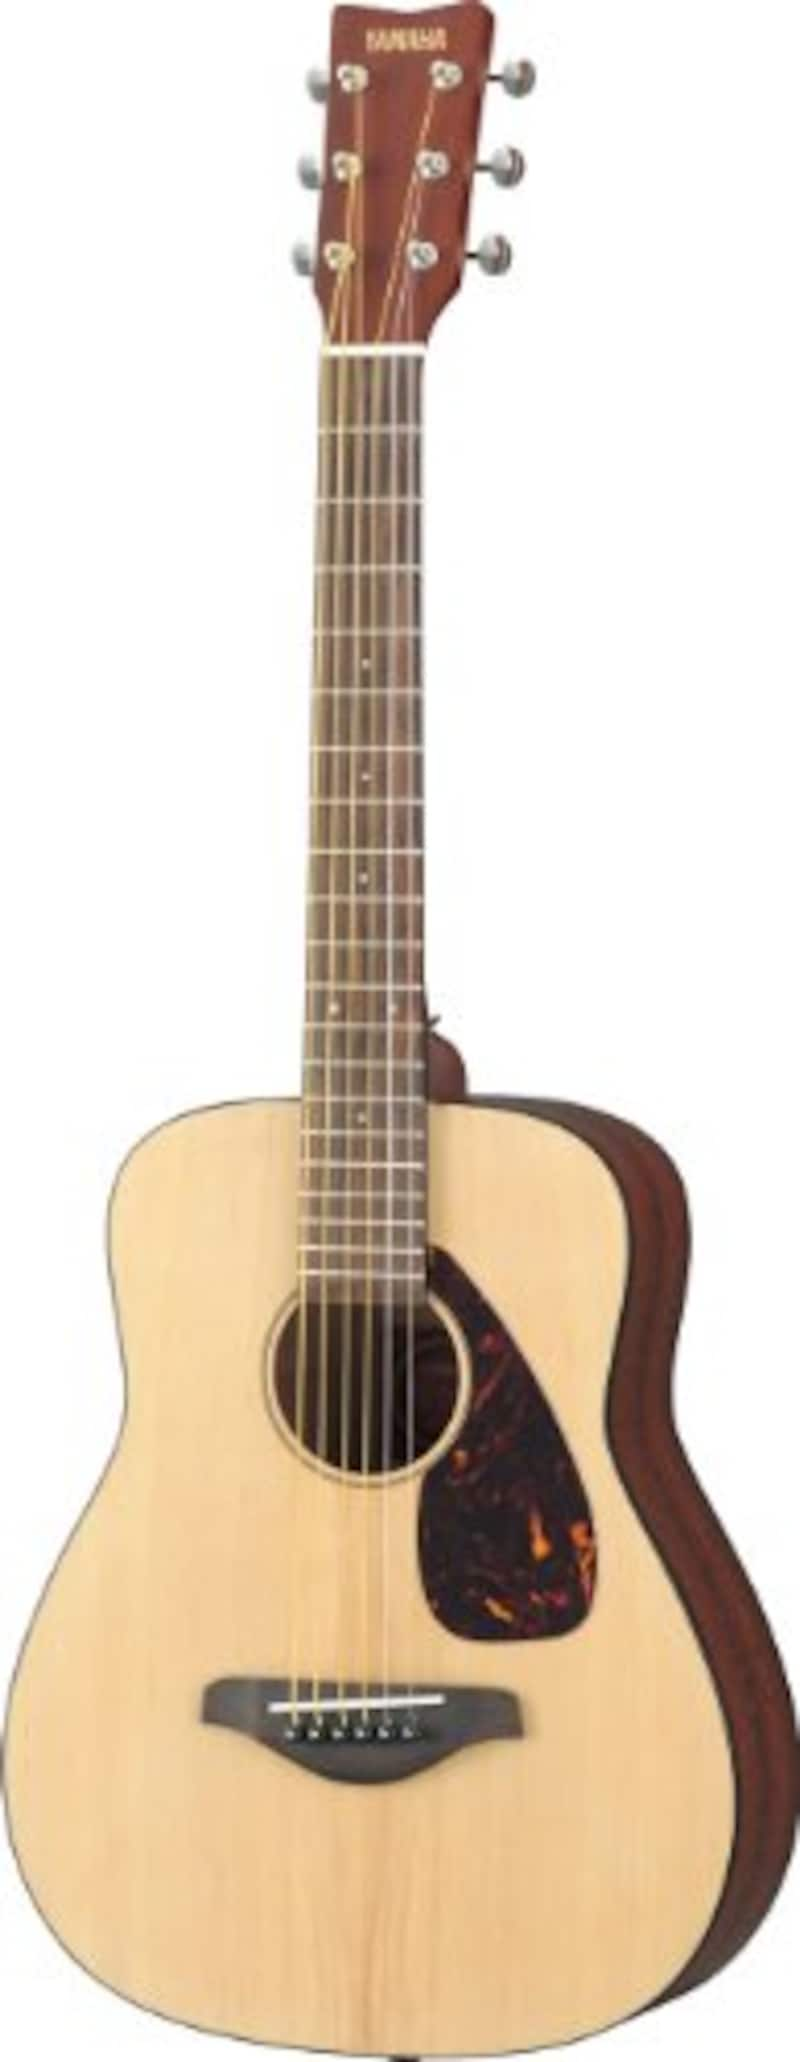 YAMAHA,アコースティックギター,JR2 NT